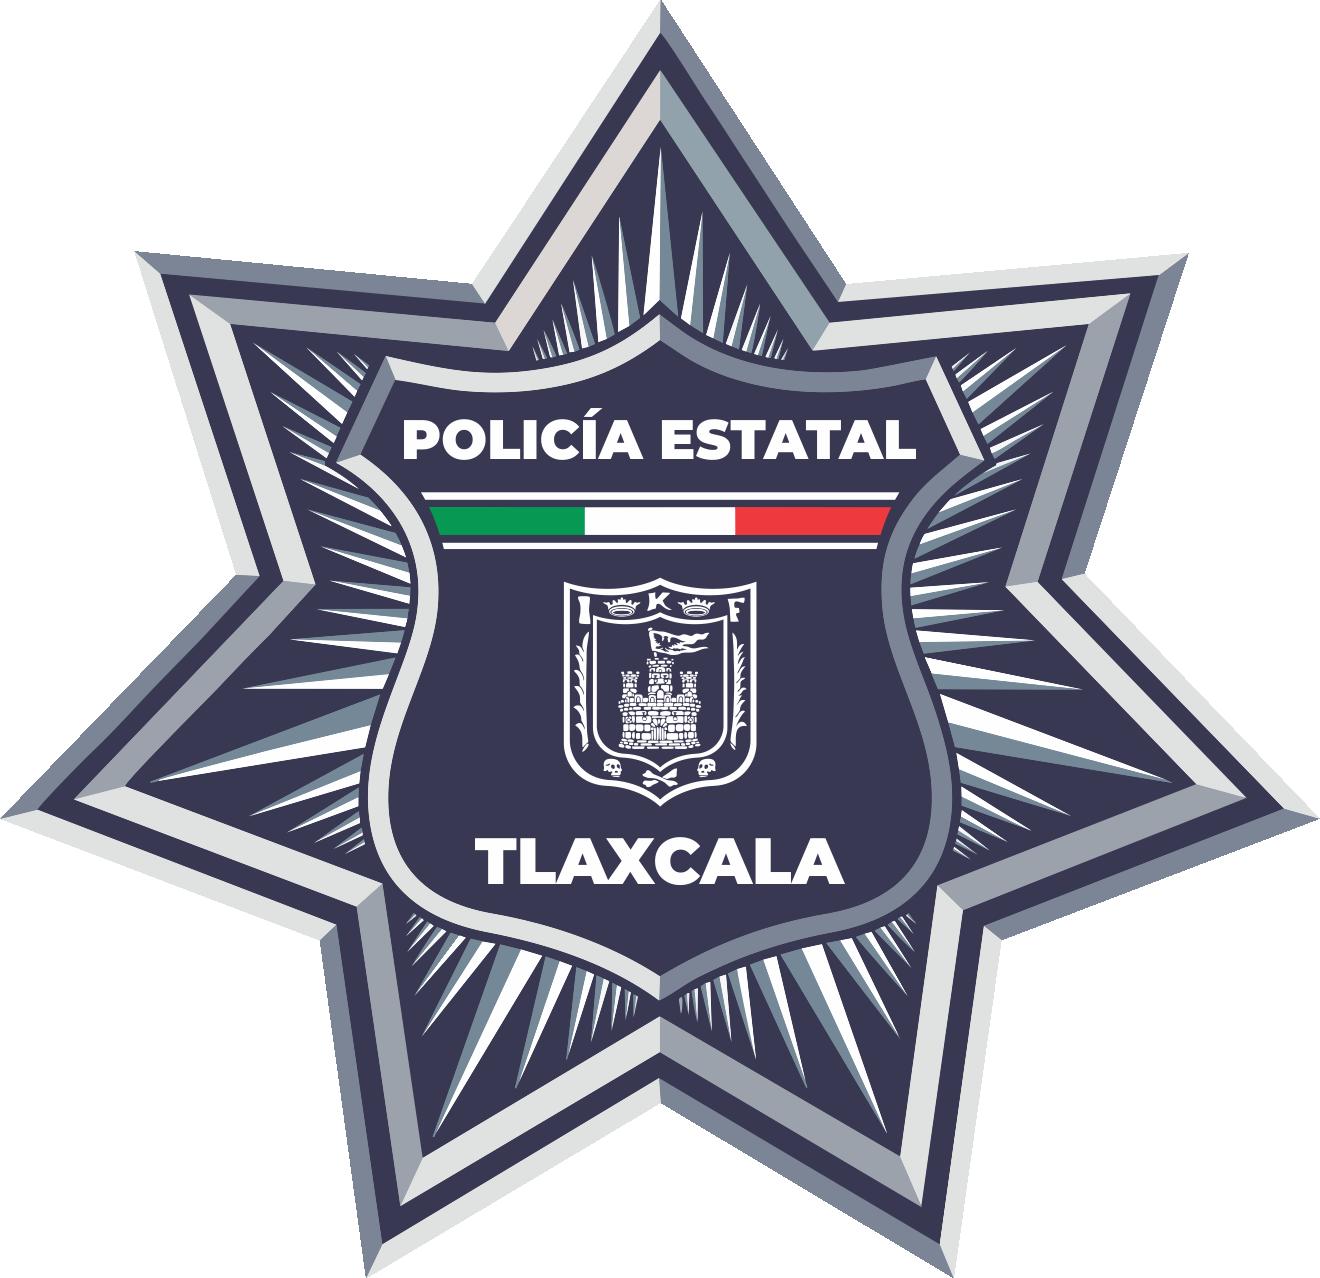 Desde Tlaxcala: Secretaría de Seguridad Ciudadana confirma que 2 de sus elementos fueron detenidos y la FGR les investiga como presuntos responsables de delito